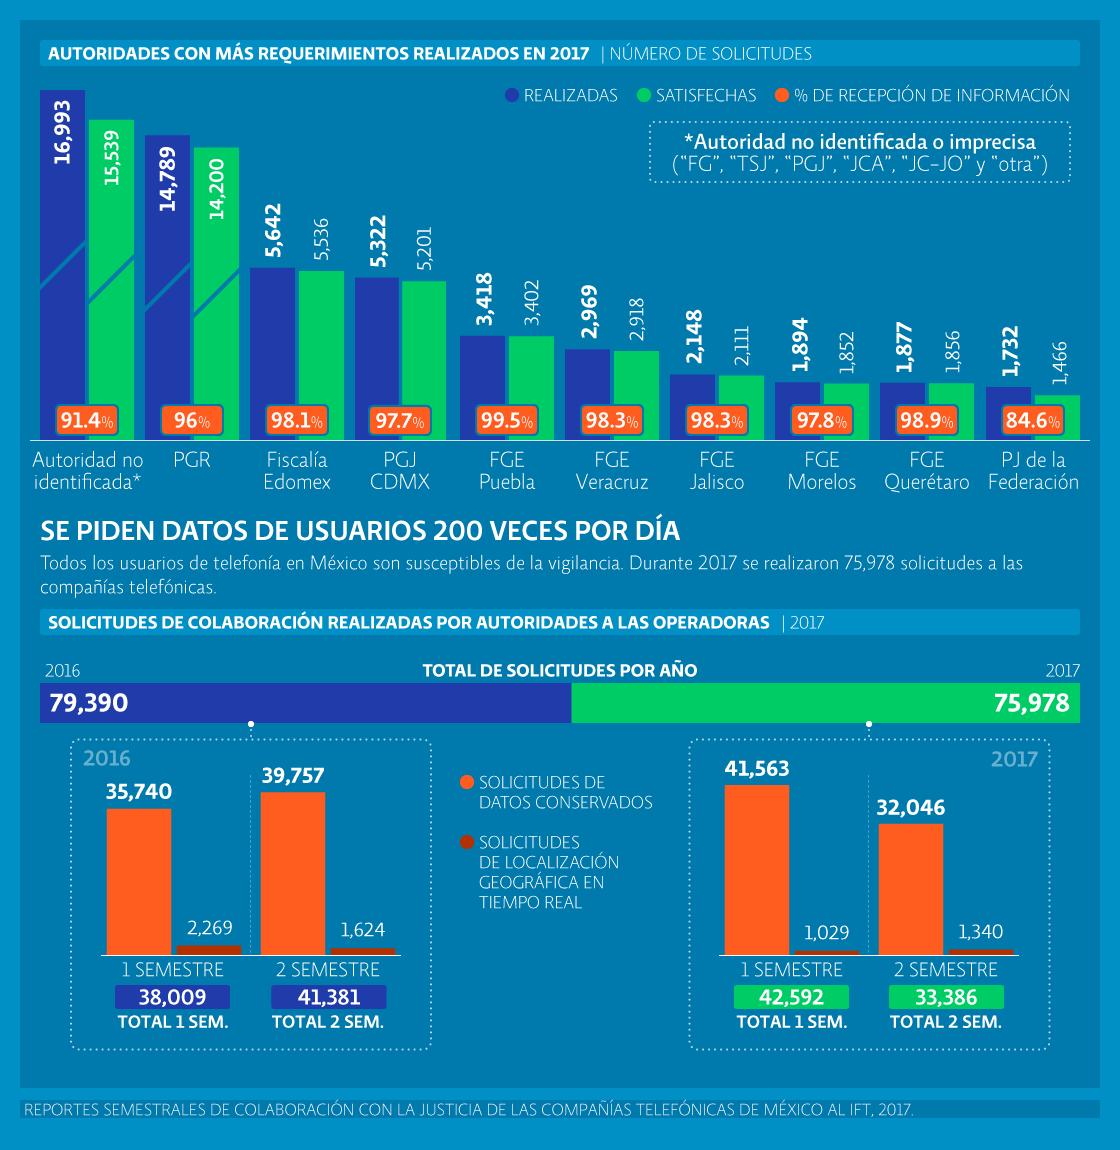 Privacidad y telecomunicaciones | Las comunicaciones privadas se intervienen sin control en México; autoridades hacen 200 requerimientos diarios